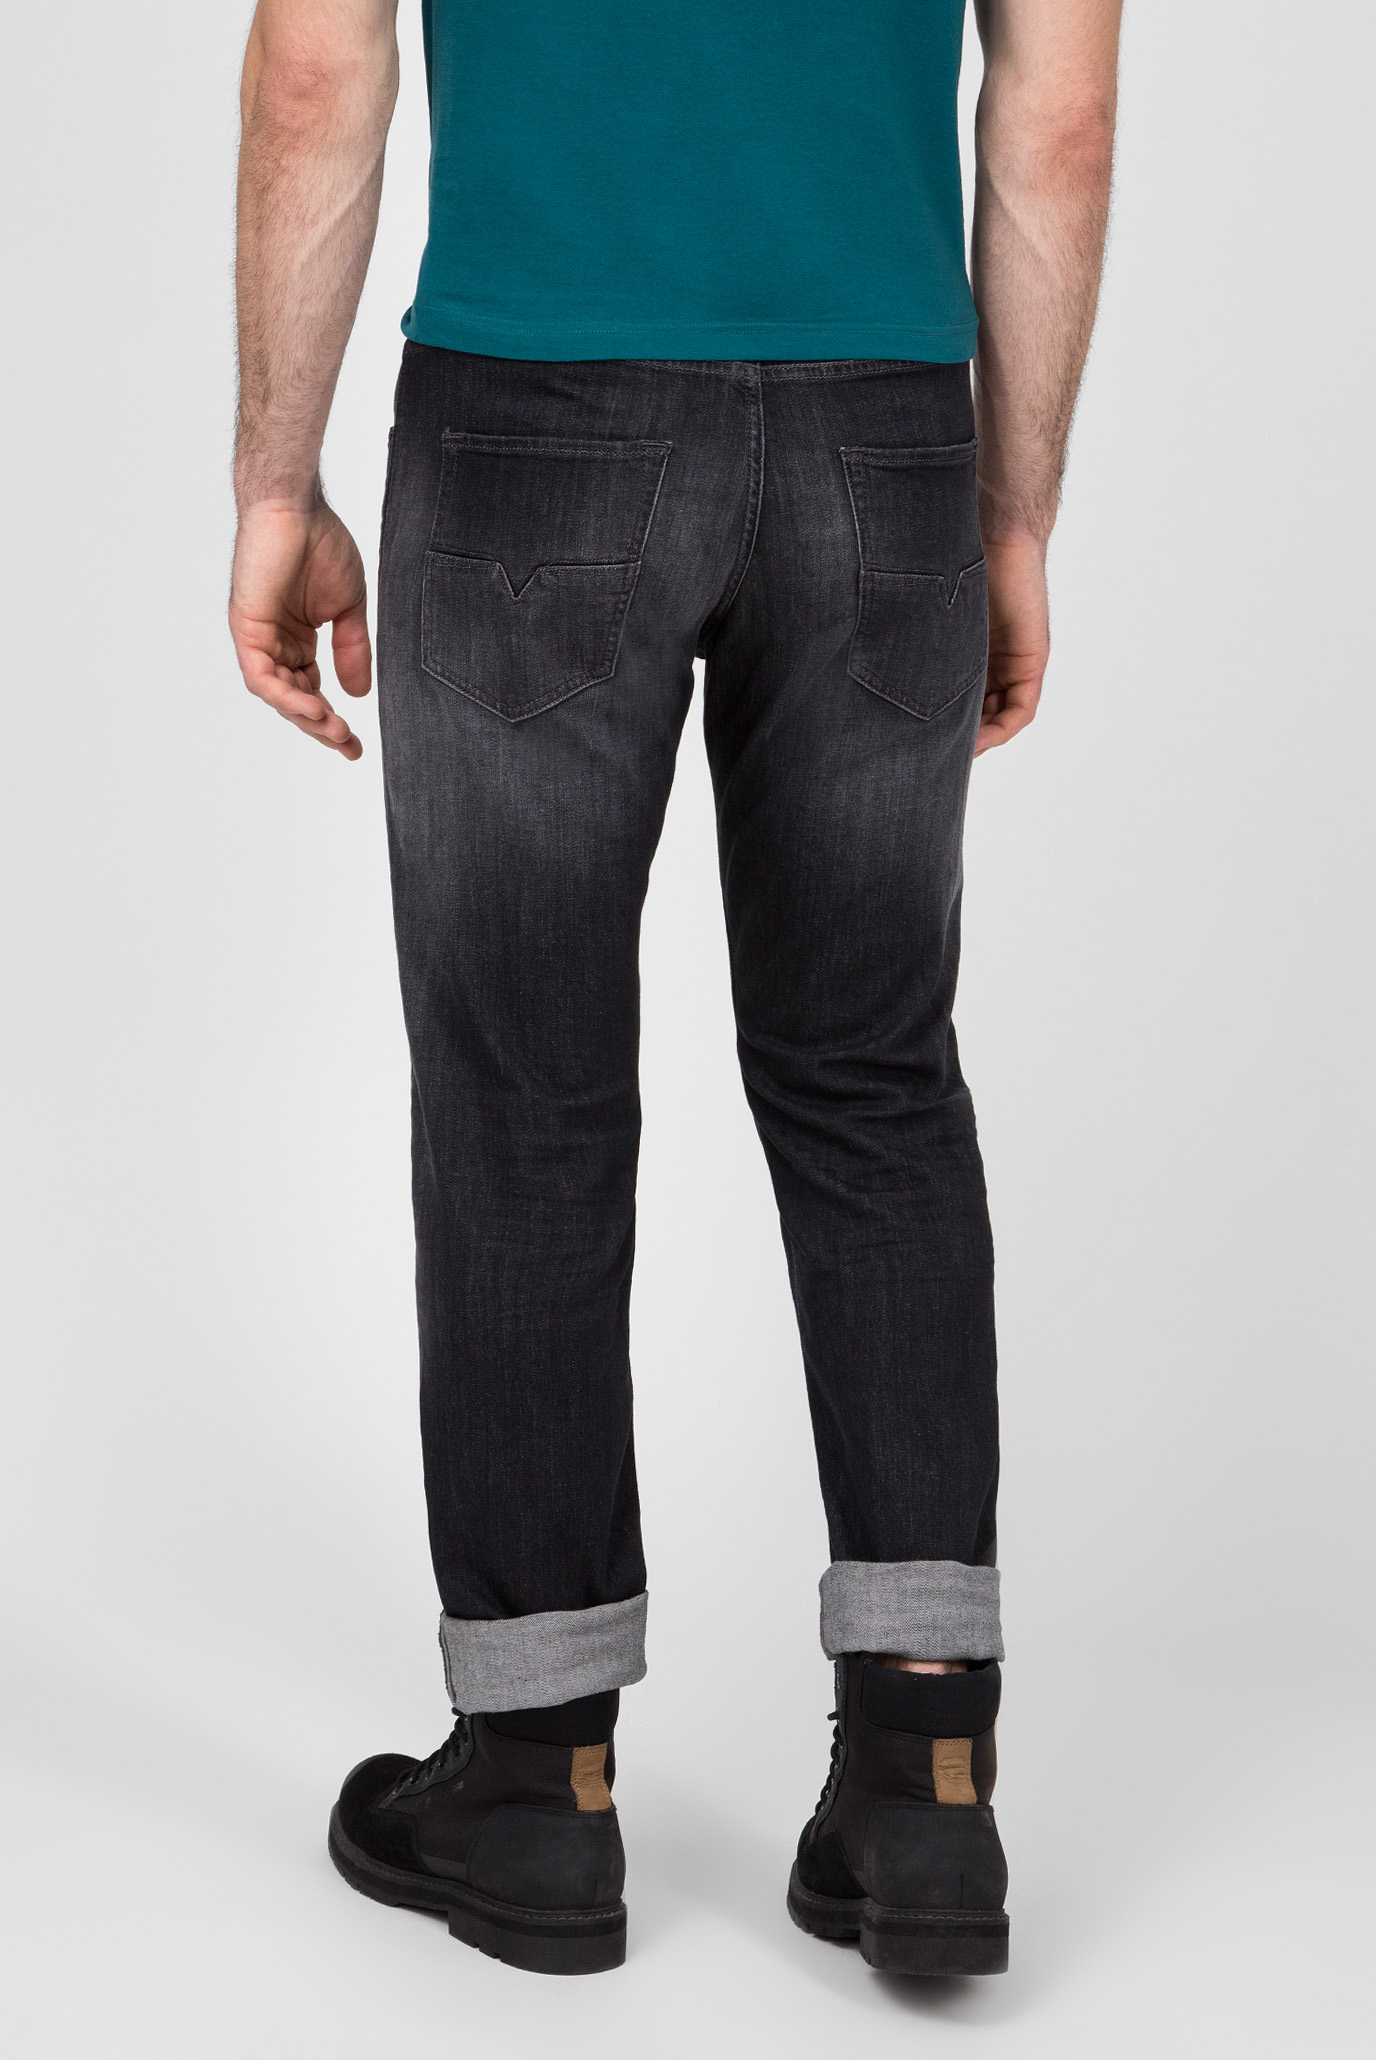 Купить Мужские черные джинсы LARKEE-BEEX Diesel Diesel 00SU1X 087AM – Киев, Украина. Цены в интернет магазине MD Fashion